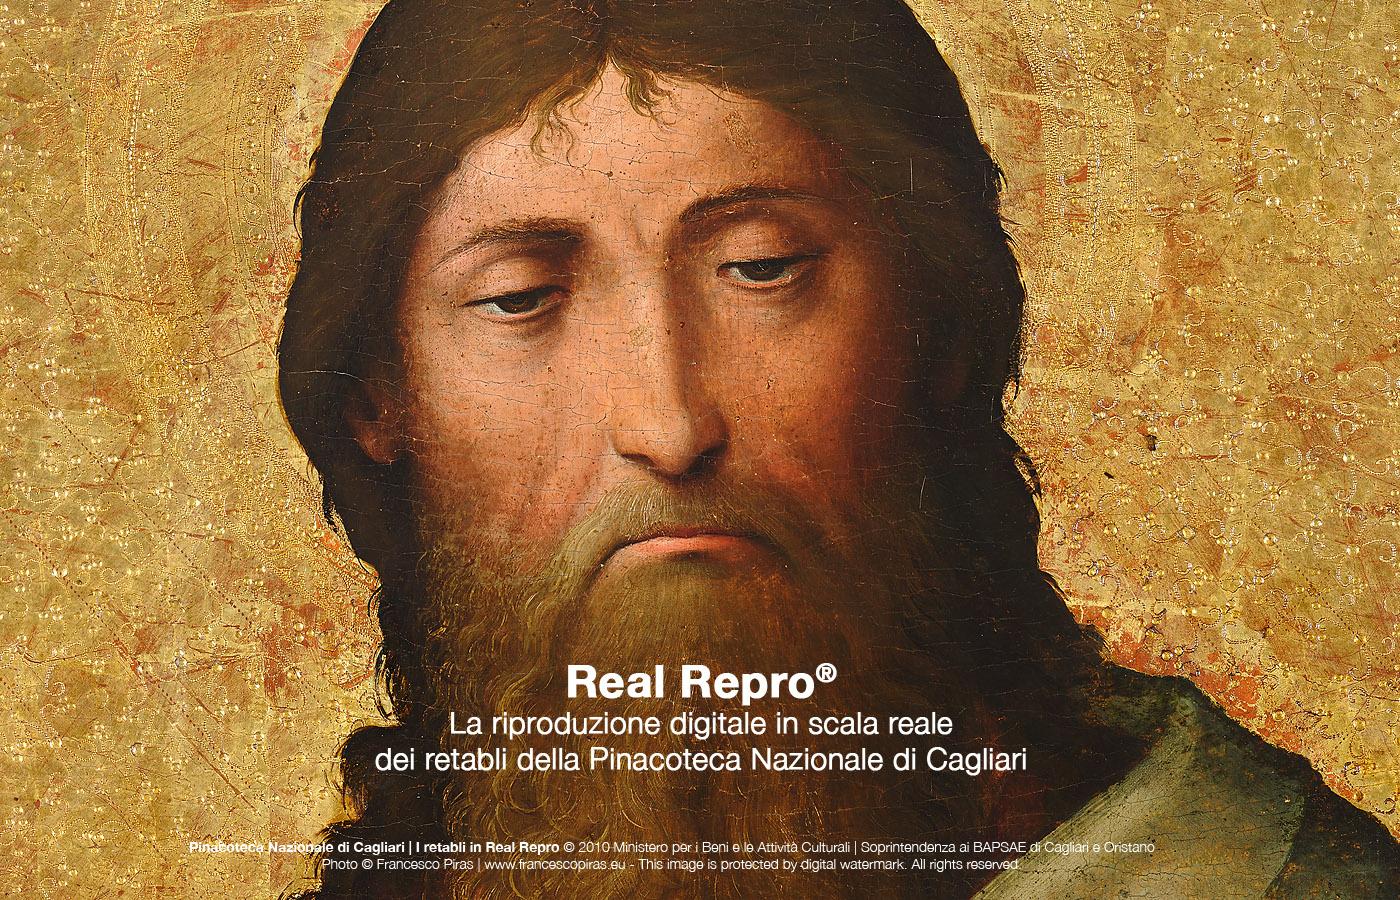 realrepro_fpiras_01.jpg